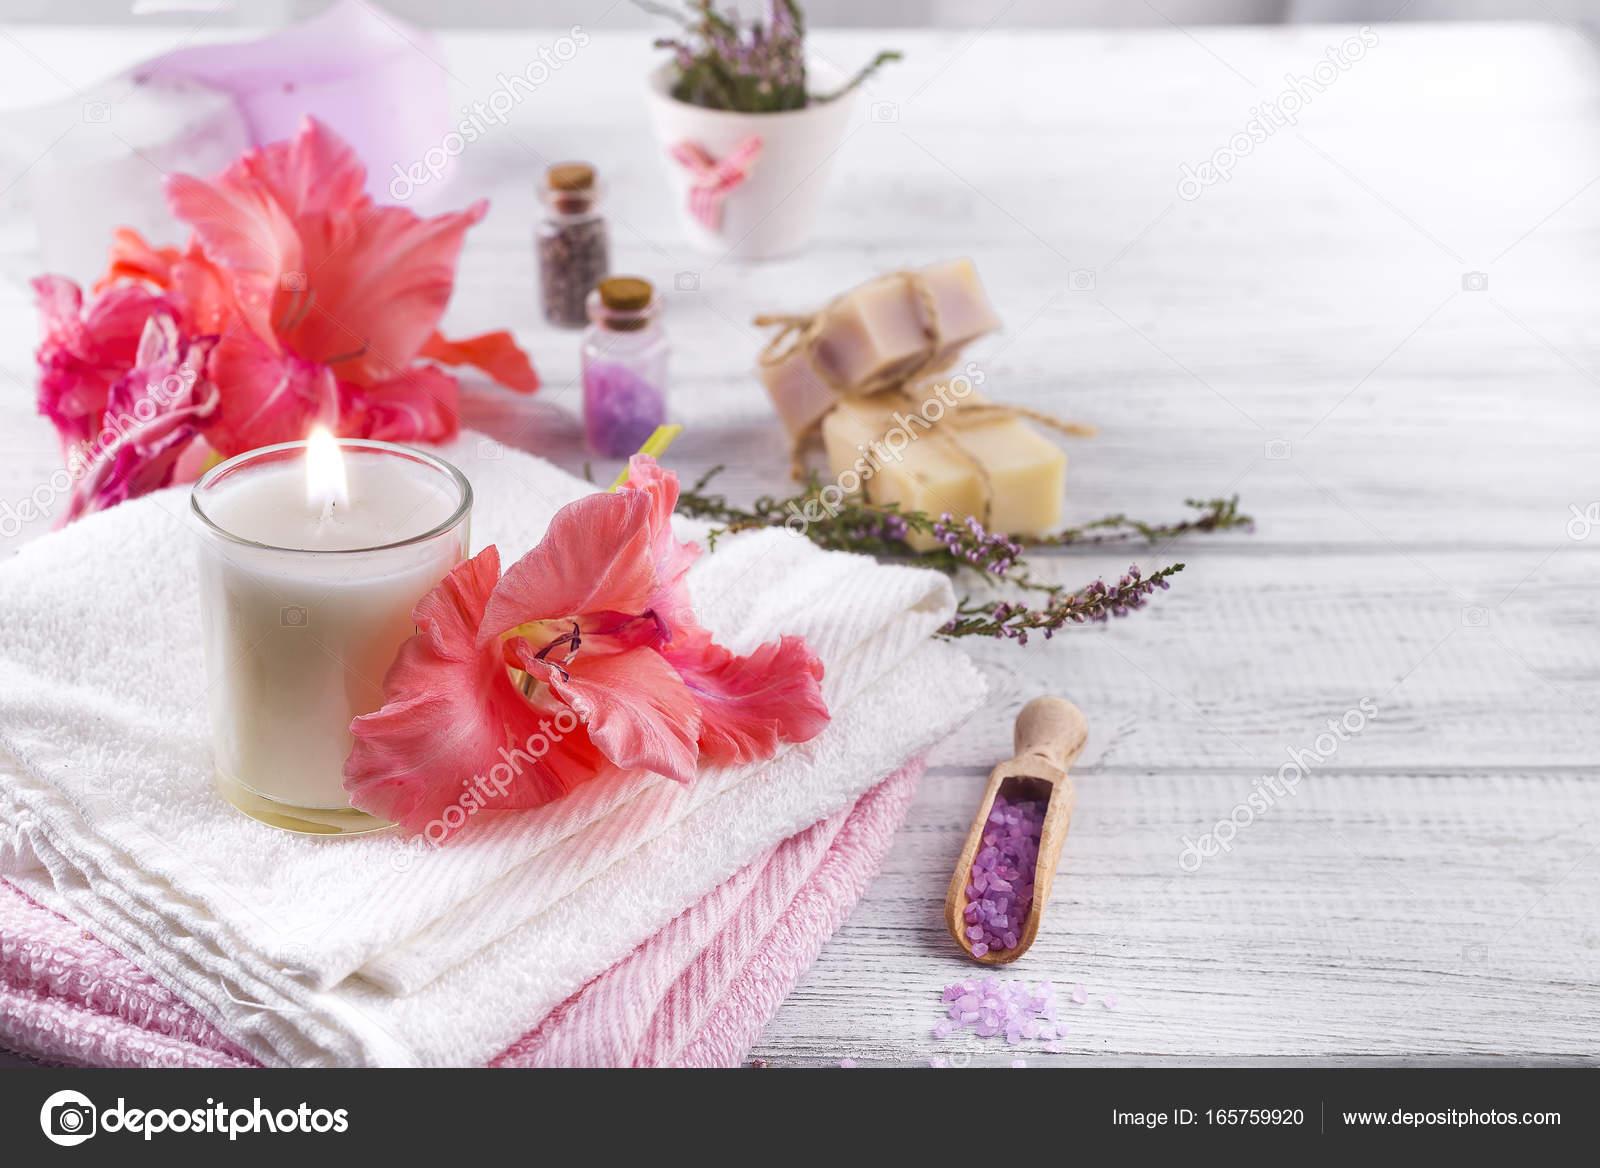 Spa wellness blumen  Wellness Blumen und Kerzen — Stockfoto © lyulka.86 #165759920